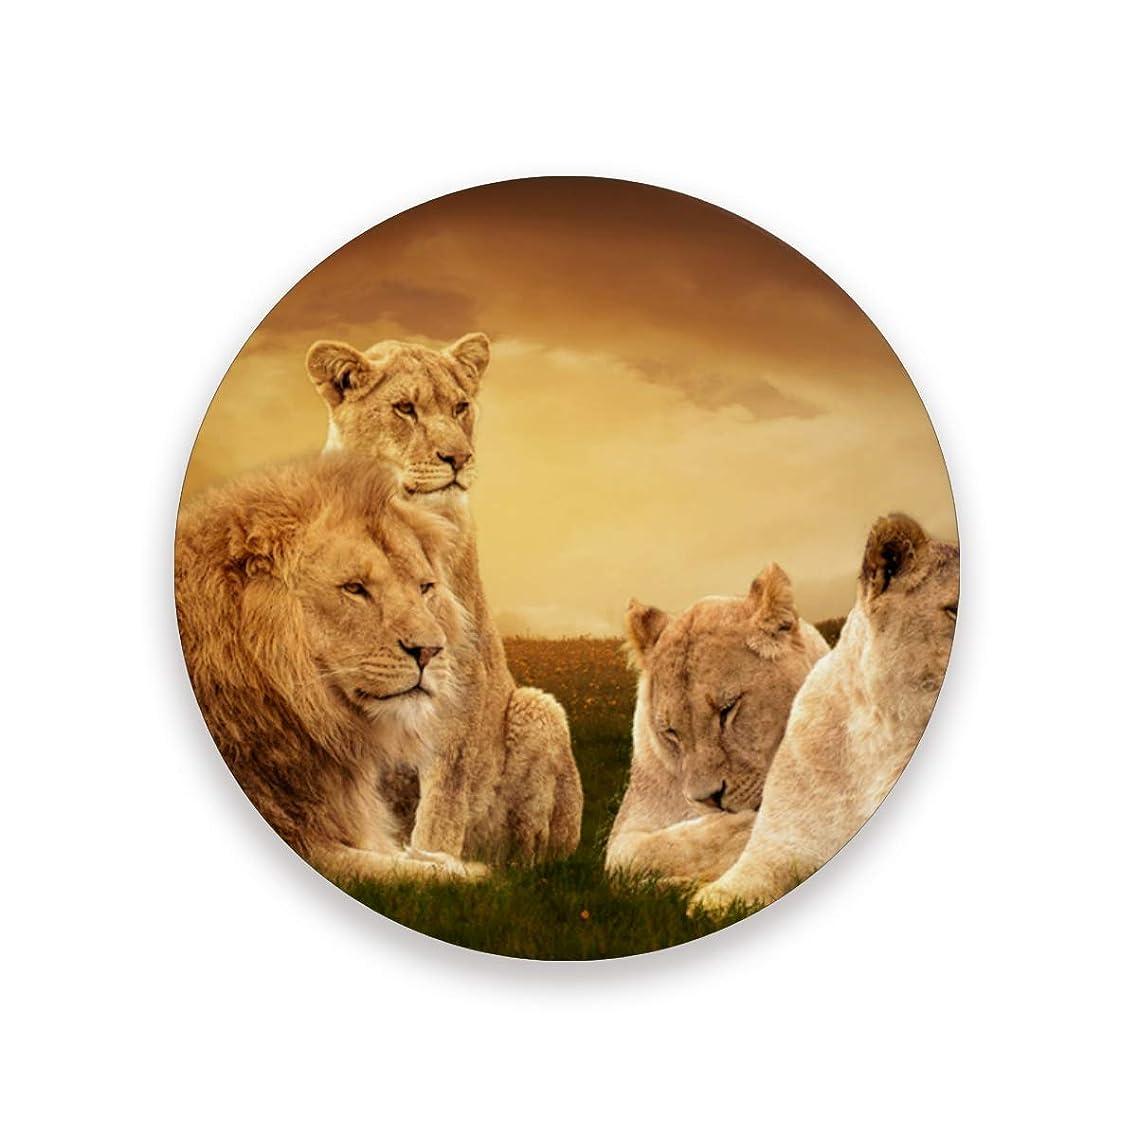 夜明けジャベスウィルソン大コースター おしゃれ 茶パッド アフリカライオン 滑り止め エコ 速乾 抗菌 消臭 1枚セット